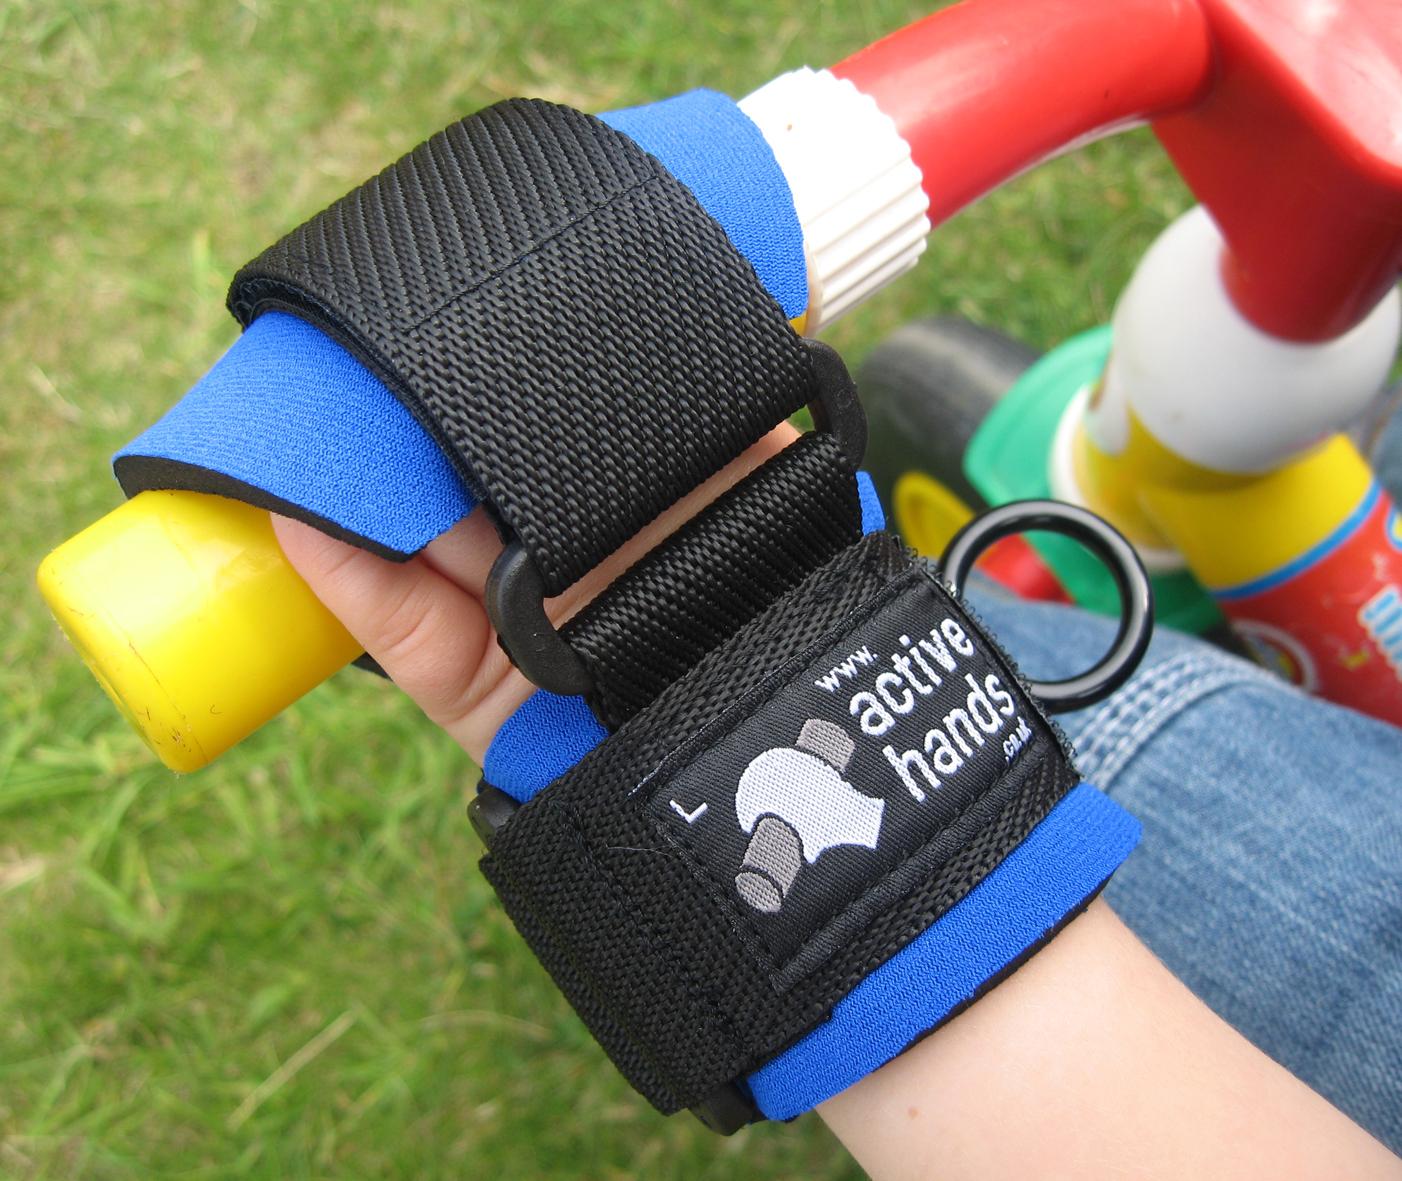 Úchopová ortéza Active Hands umožní držení řidítek kola